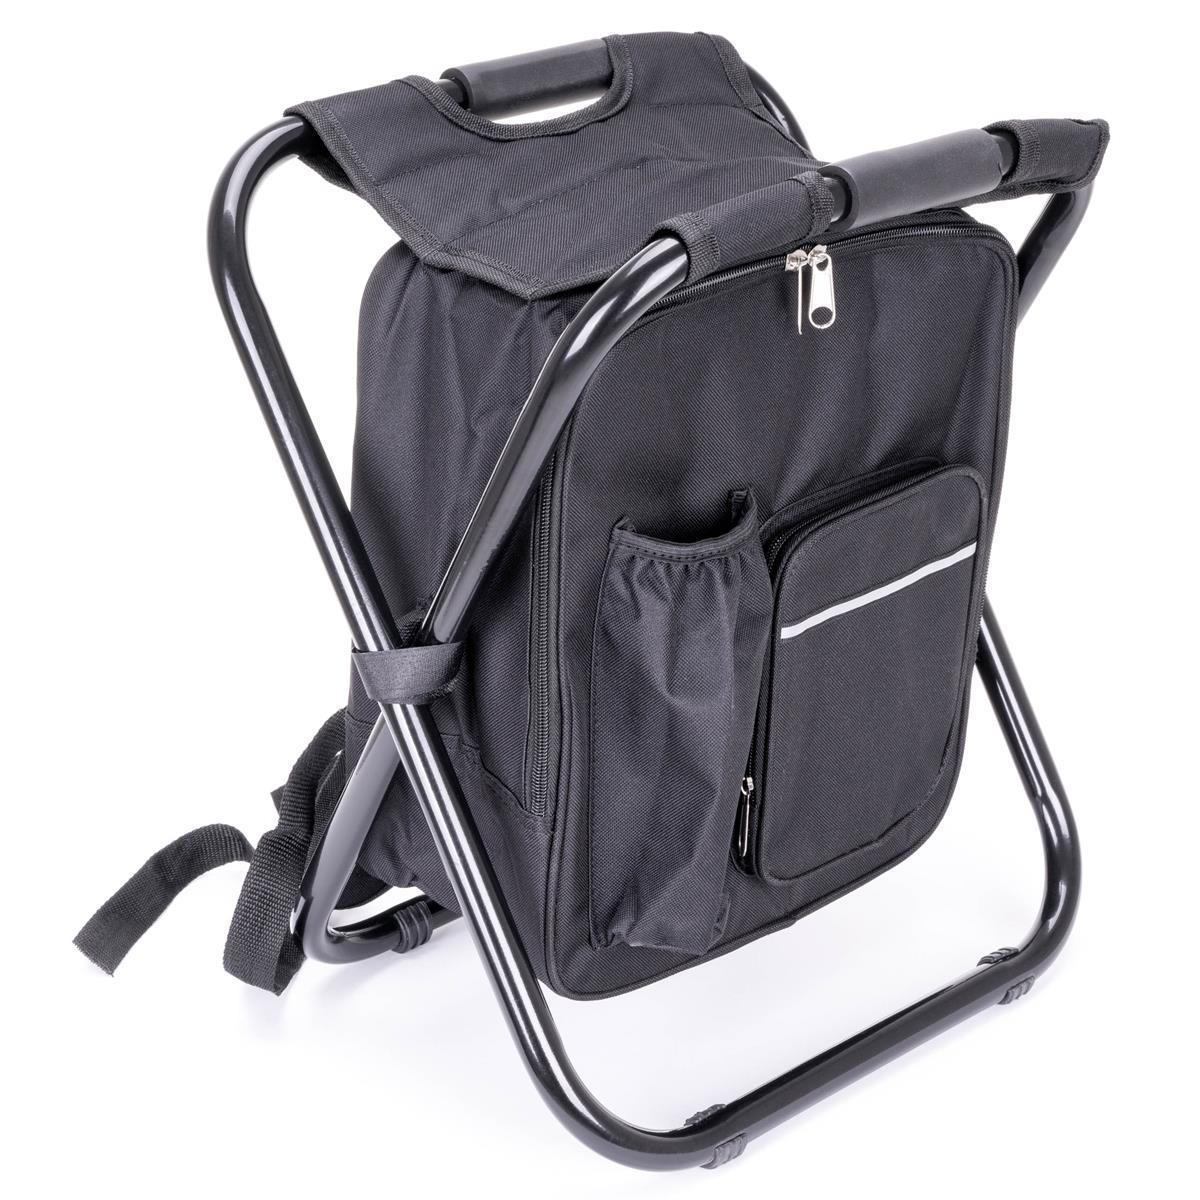 Multifunktions-Rucksack Kühltasche Angelhocker Campinghocker faltbar schwarz